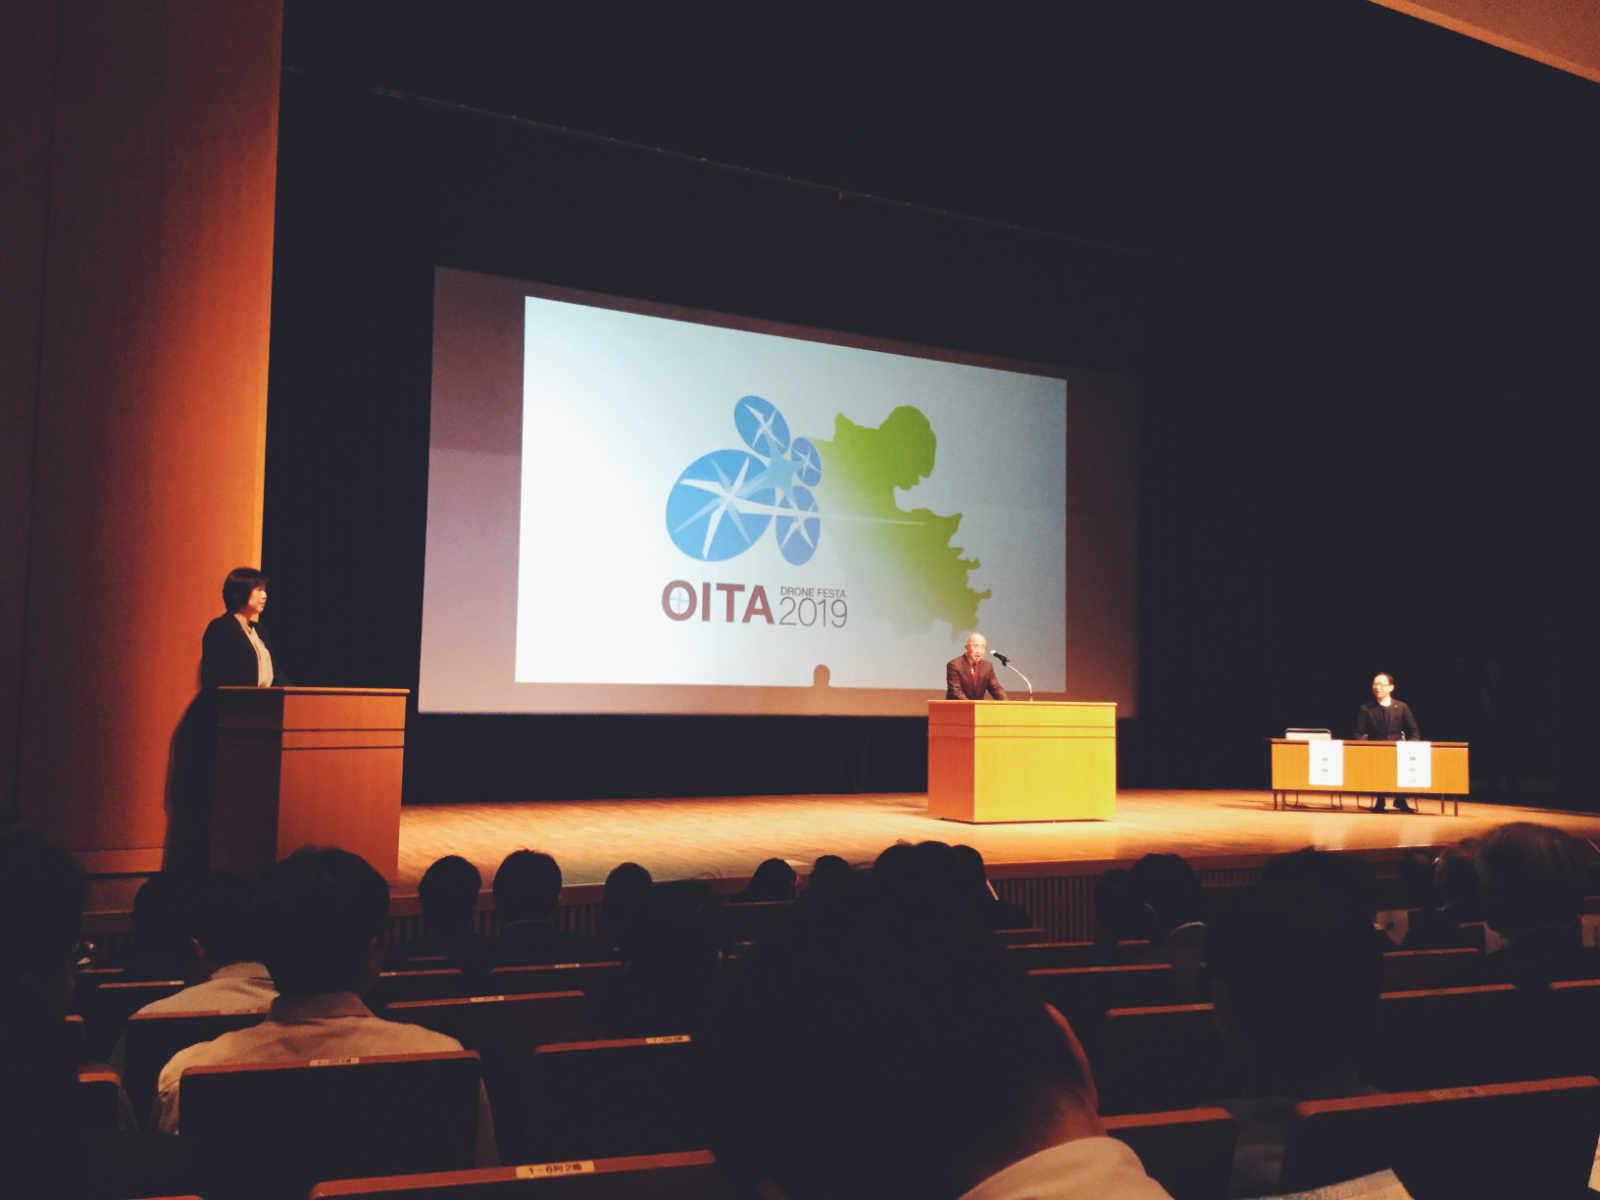 大分ドローンフェスタ2019(OITA DRONE FESTA 2019)広瀬勝貞大分県知事の主催者挨拶